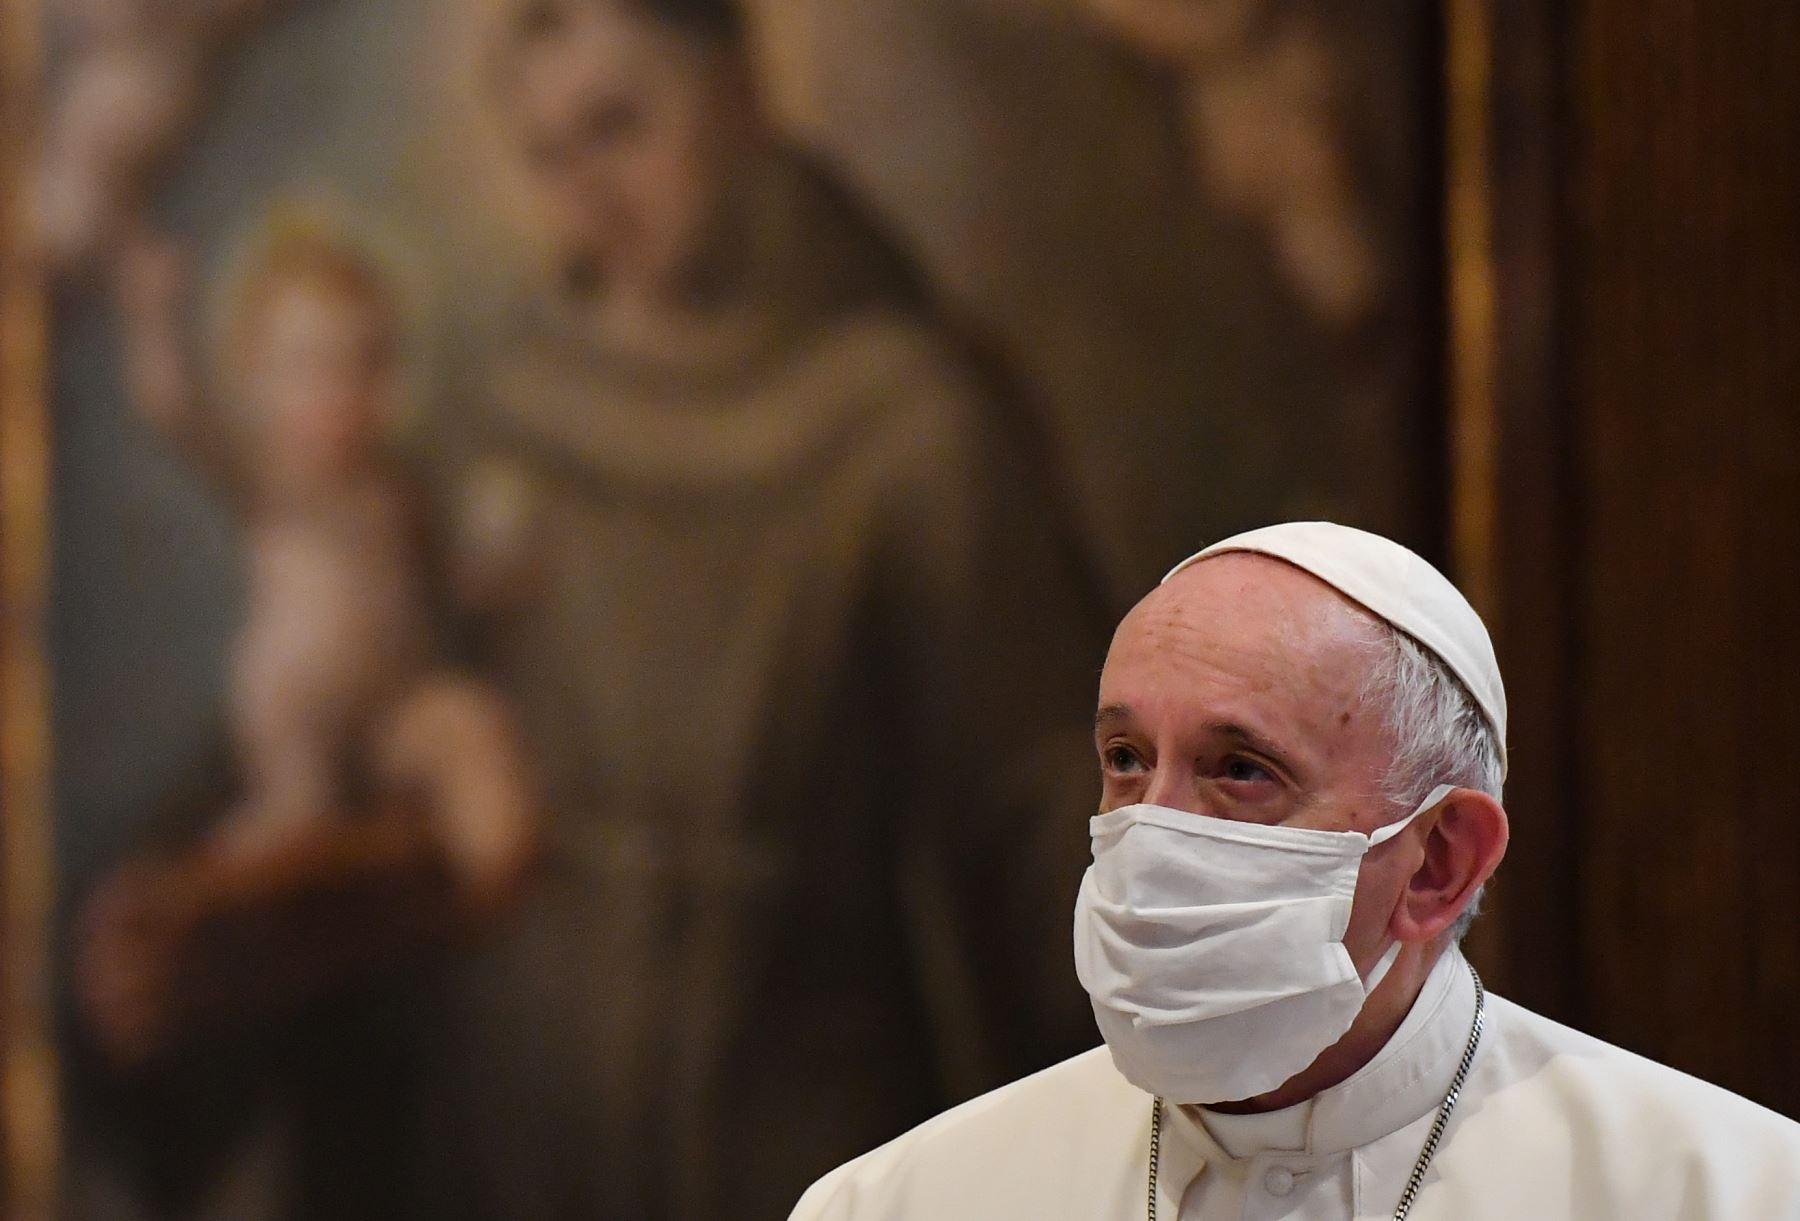 el-papa-francisco-recibe-la-vacuna-de-pfizer-y-biontech-contra-el-covid-19